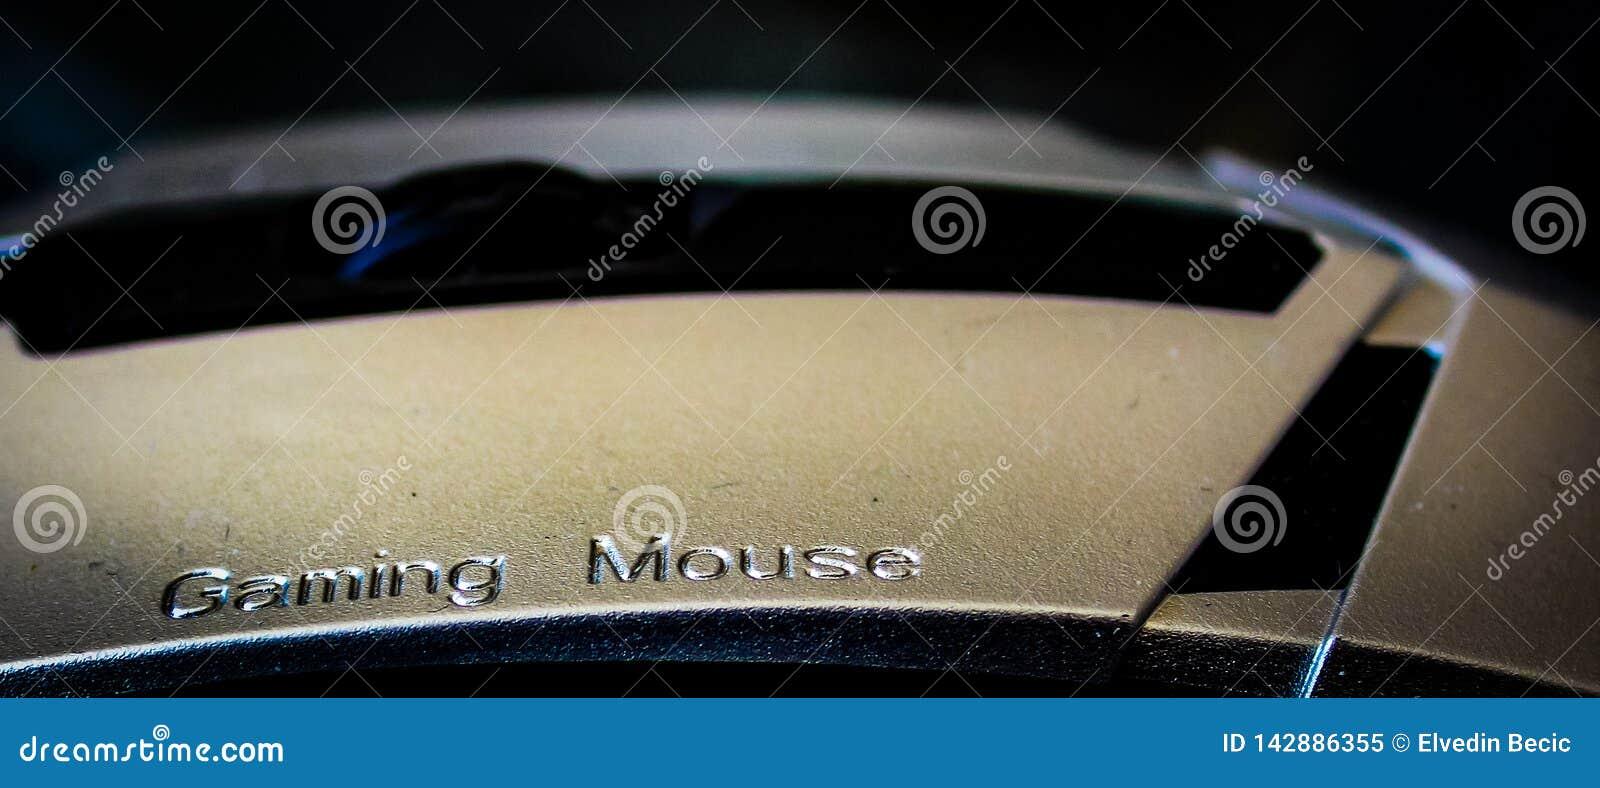 Ασημένιο ποντίκι τυχερού παιχνιδιού για τον επαγγελματία